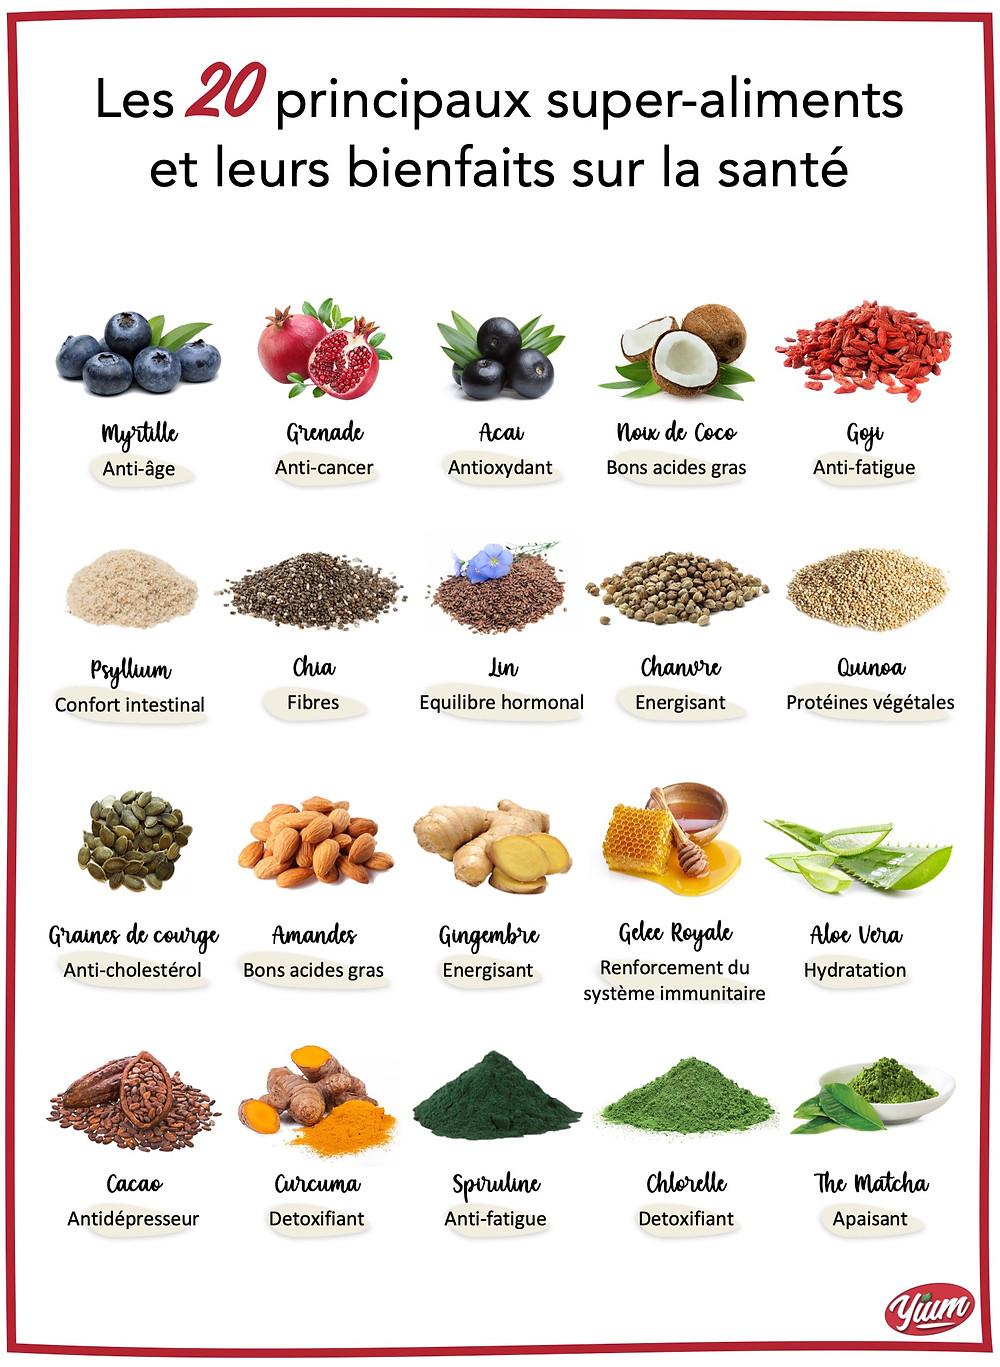 principaux super-aliments bienfaits sante